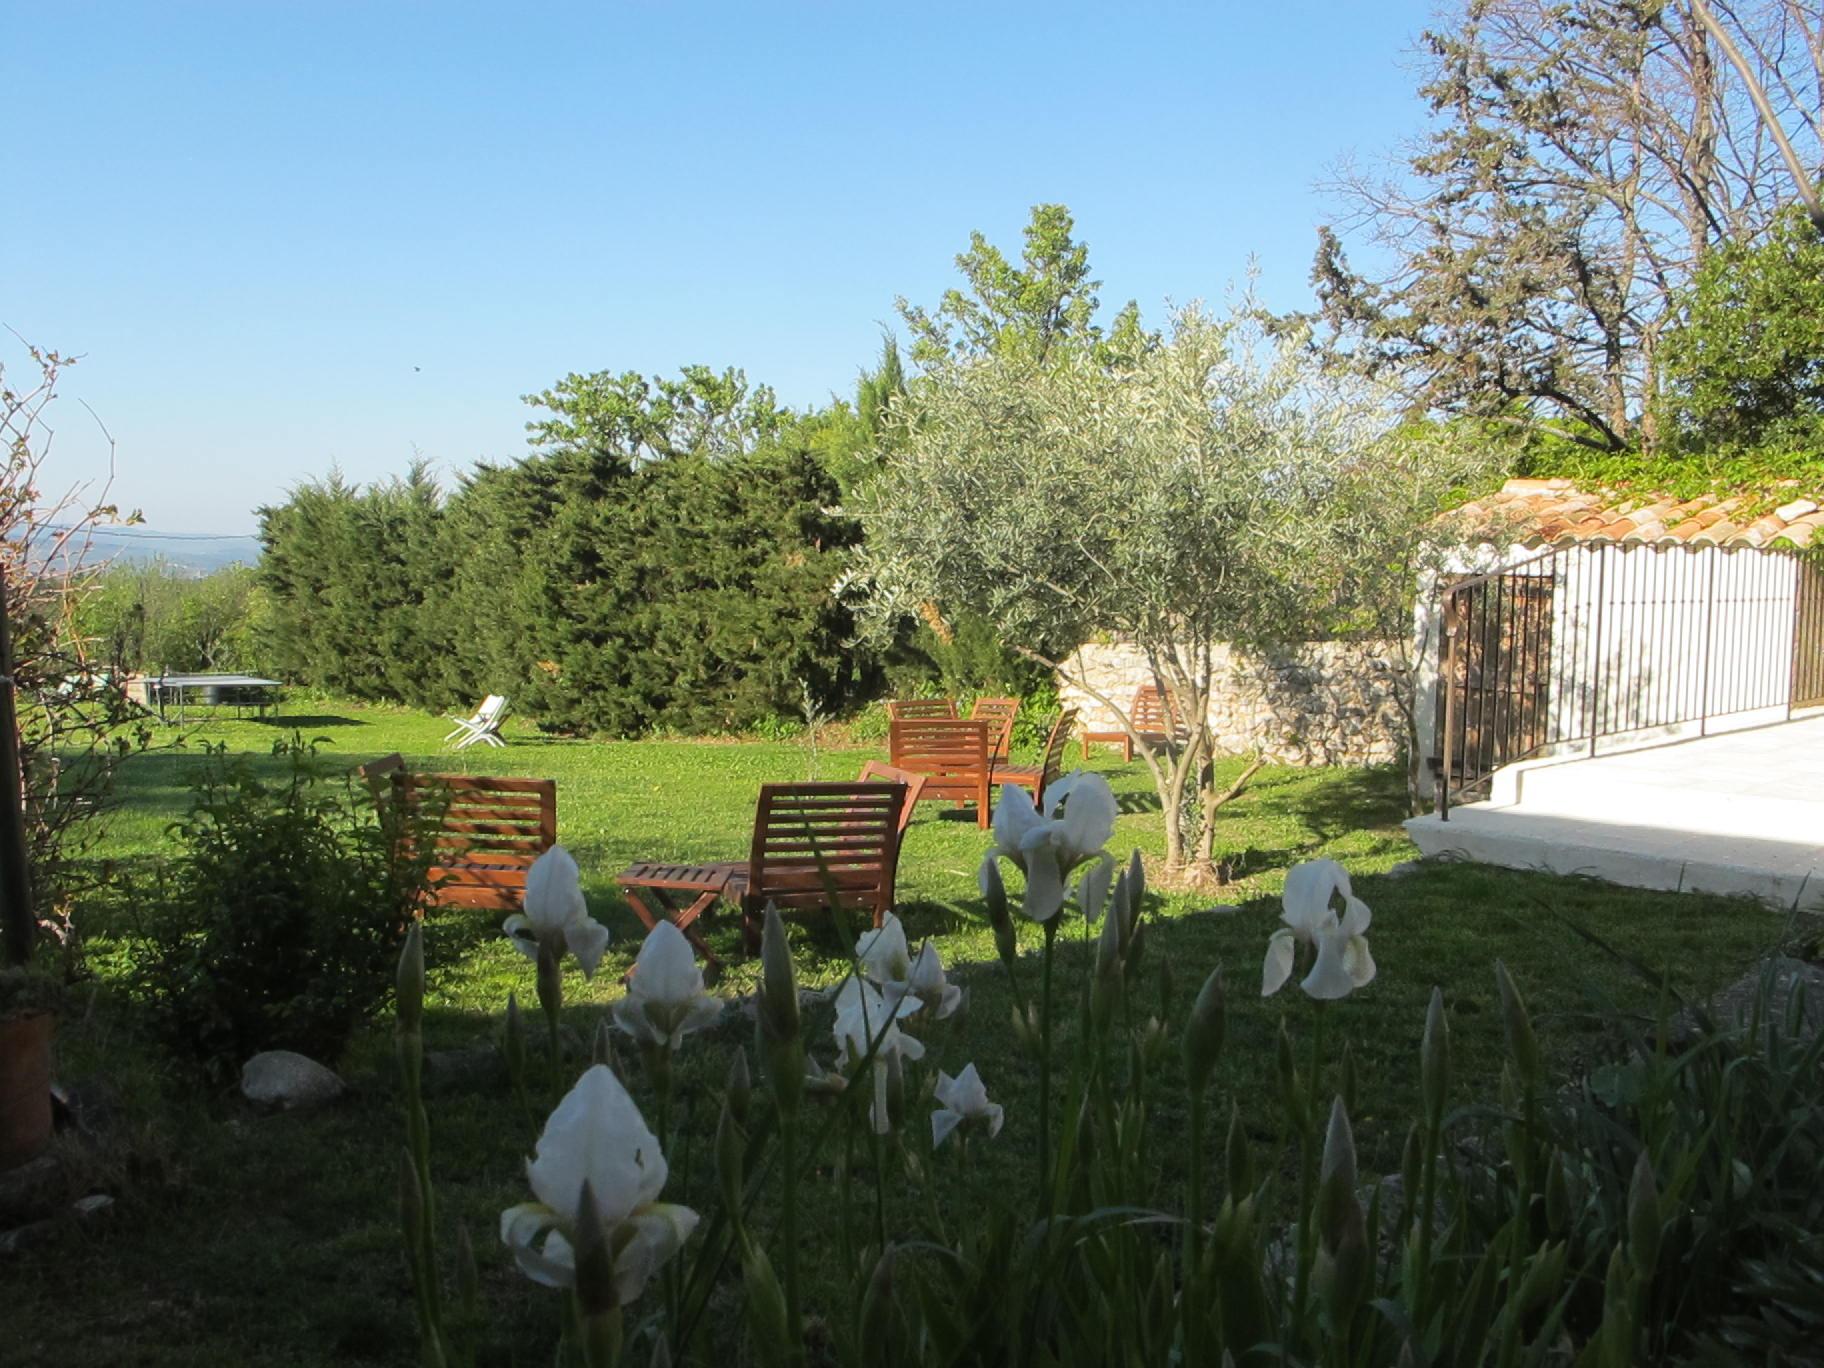 loucardaline-bedoin-ventoux-chambre d hotes-vaucluse-vacances-famille-jardin